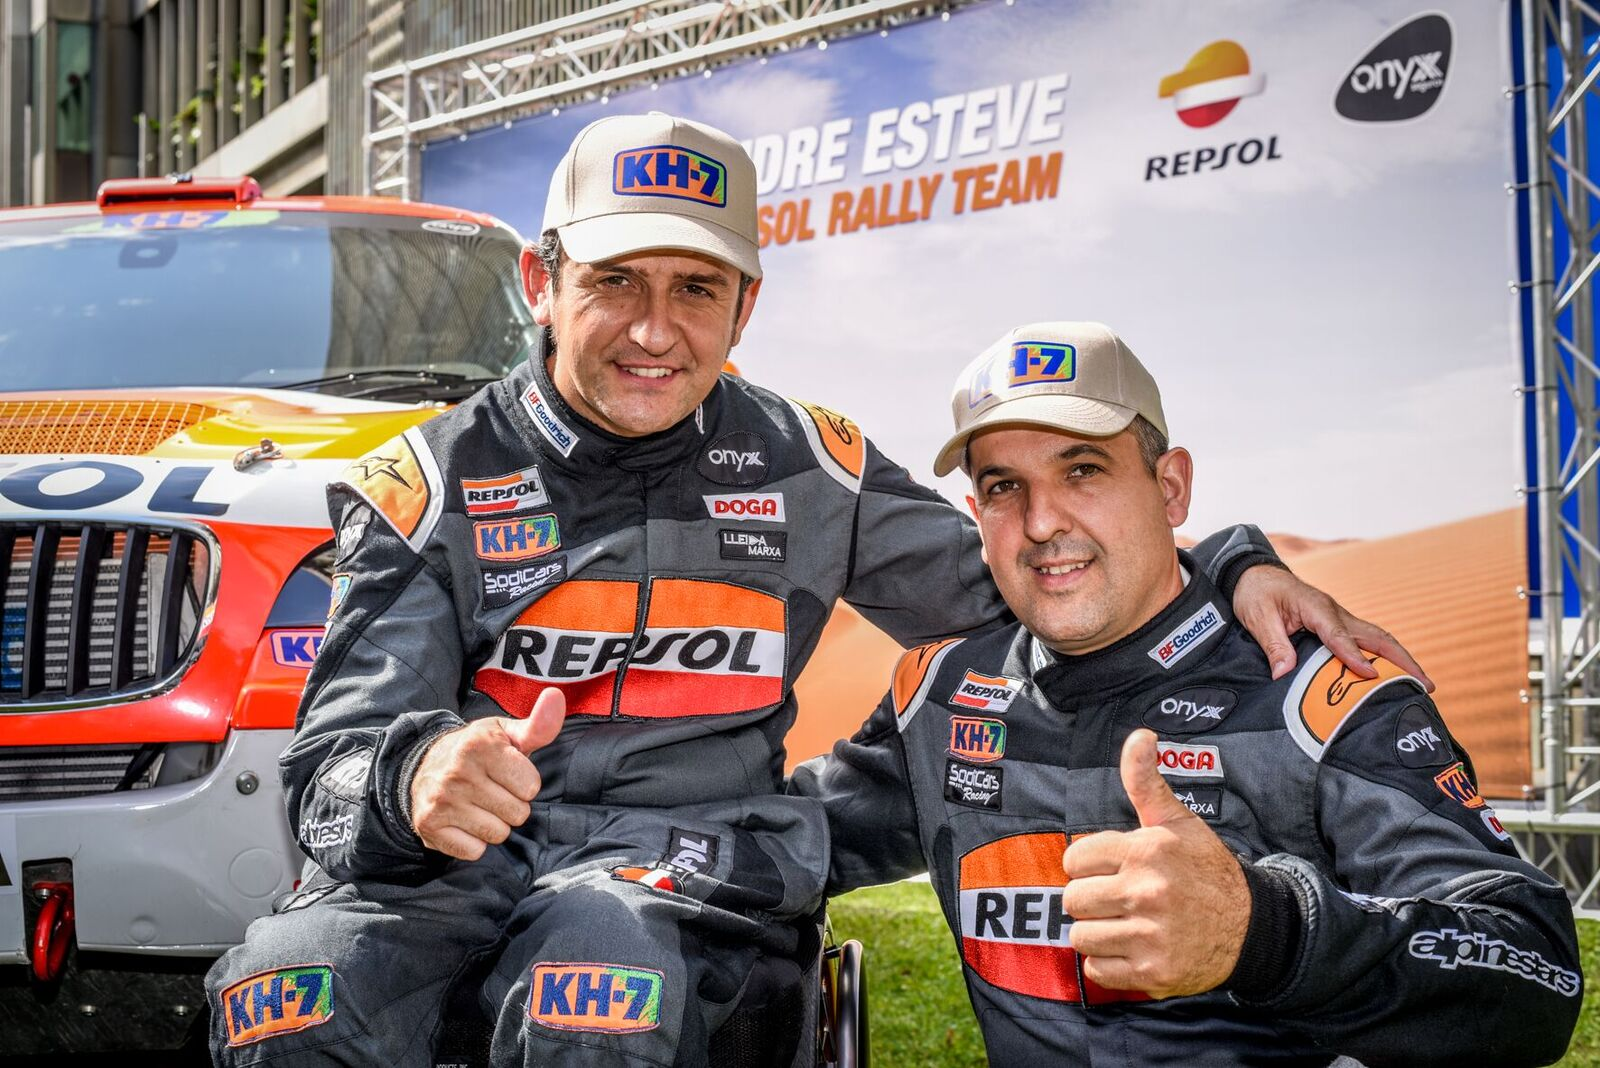 Isidre Esteve y Txema villalobos con monos de piloto de Rally